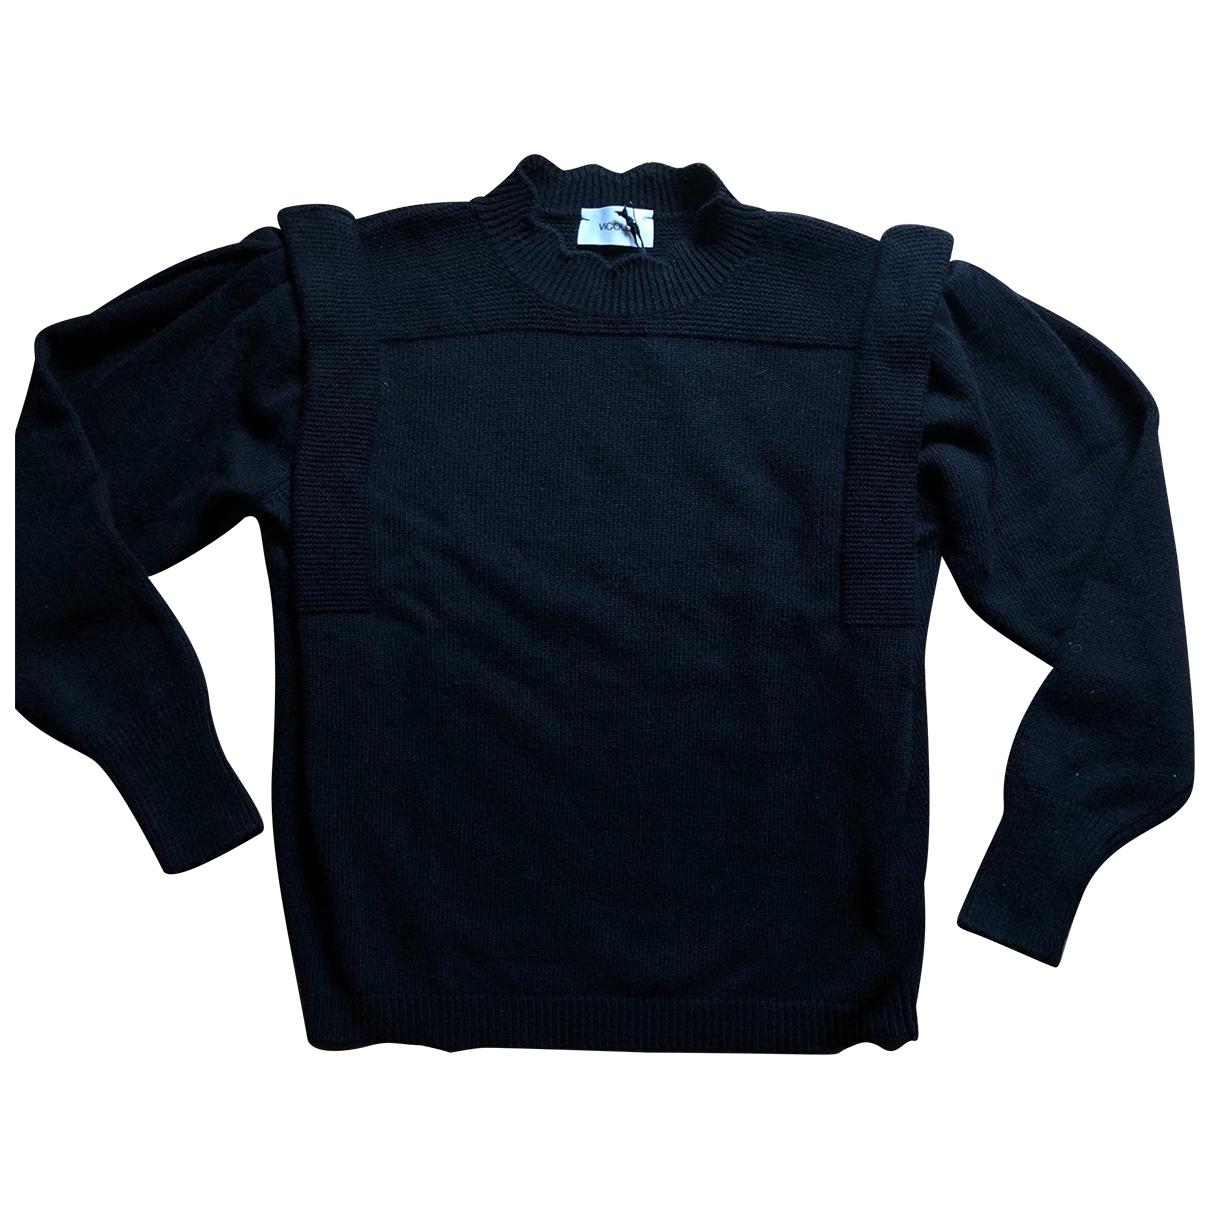 Vicolo \N Black Wool Knitwear for Women One Size IT